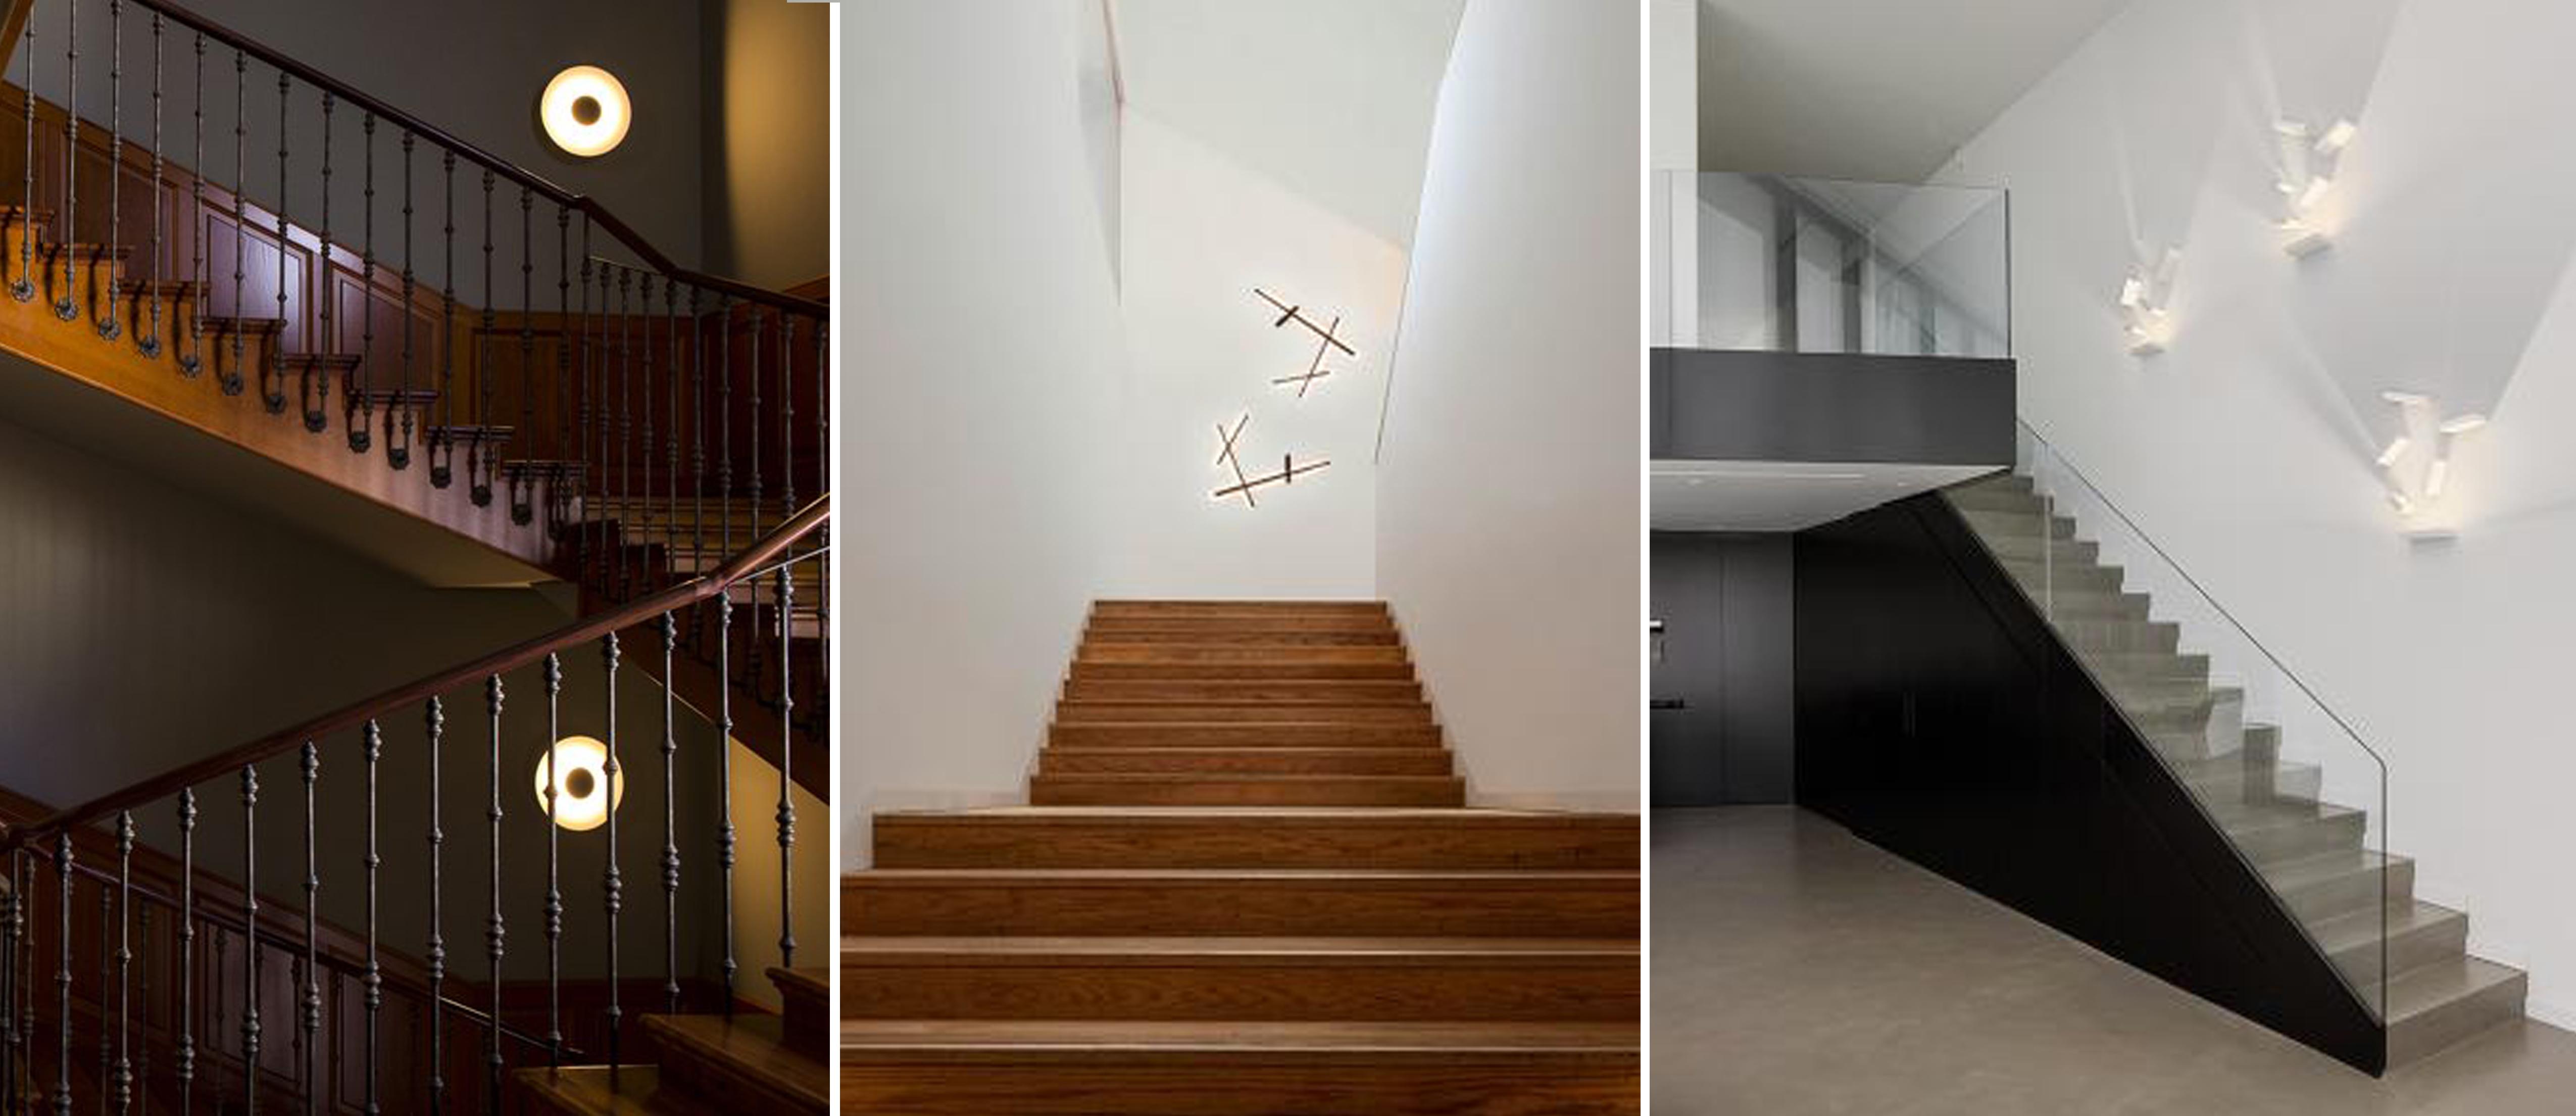 Dise o de iluminaci n interior for Terminaciones de techos interiores